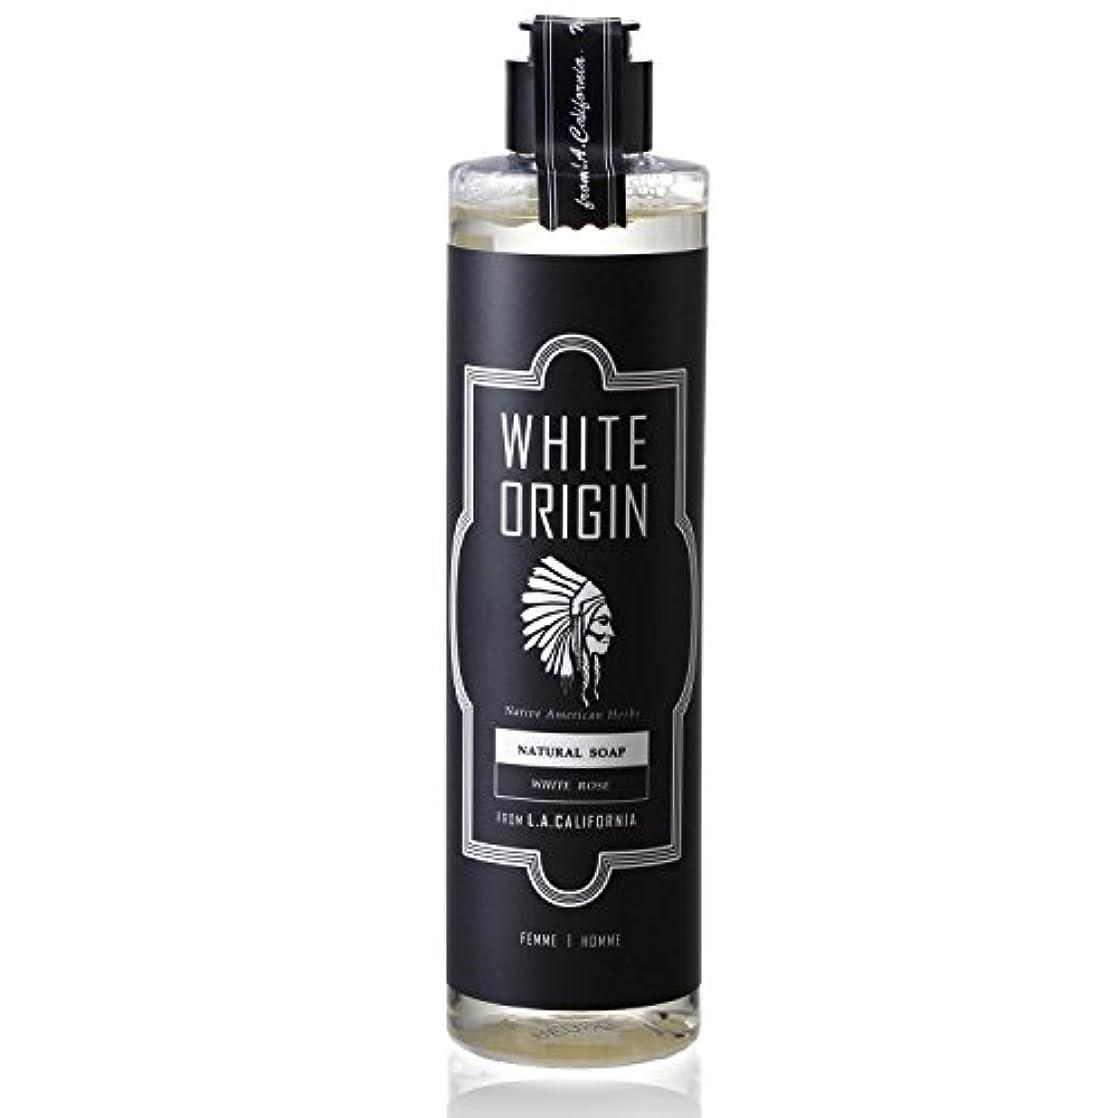 消費堤防言うまでもなくWHITE ORIGIN ボディソープ 300ml 加齢臭 ケア オーガニック ナチュラル 男前 乾燥 ホワイトローズ